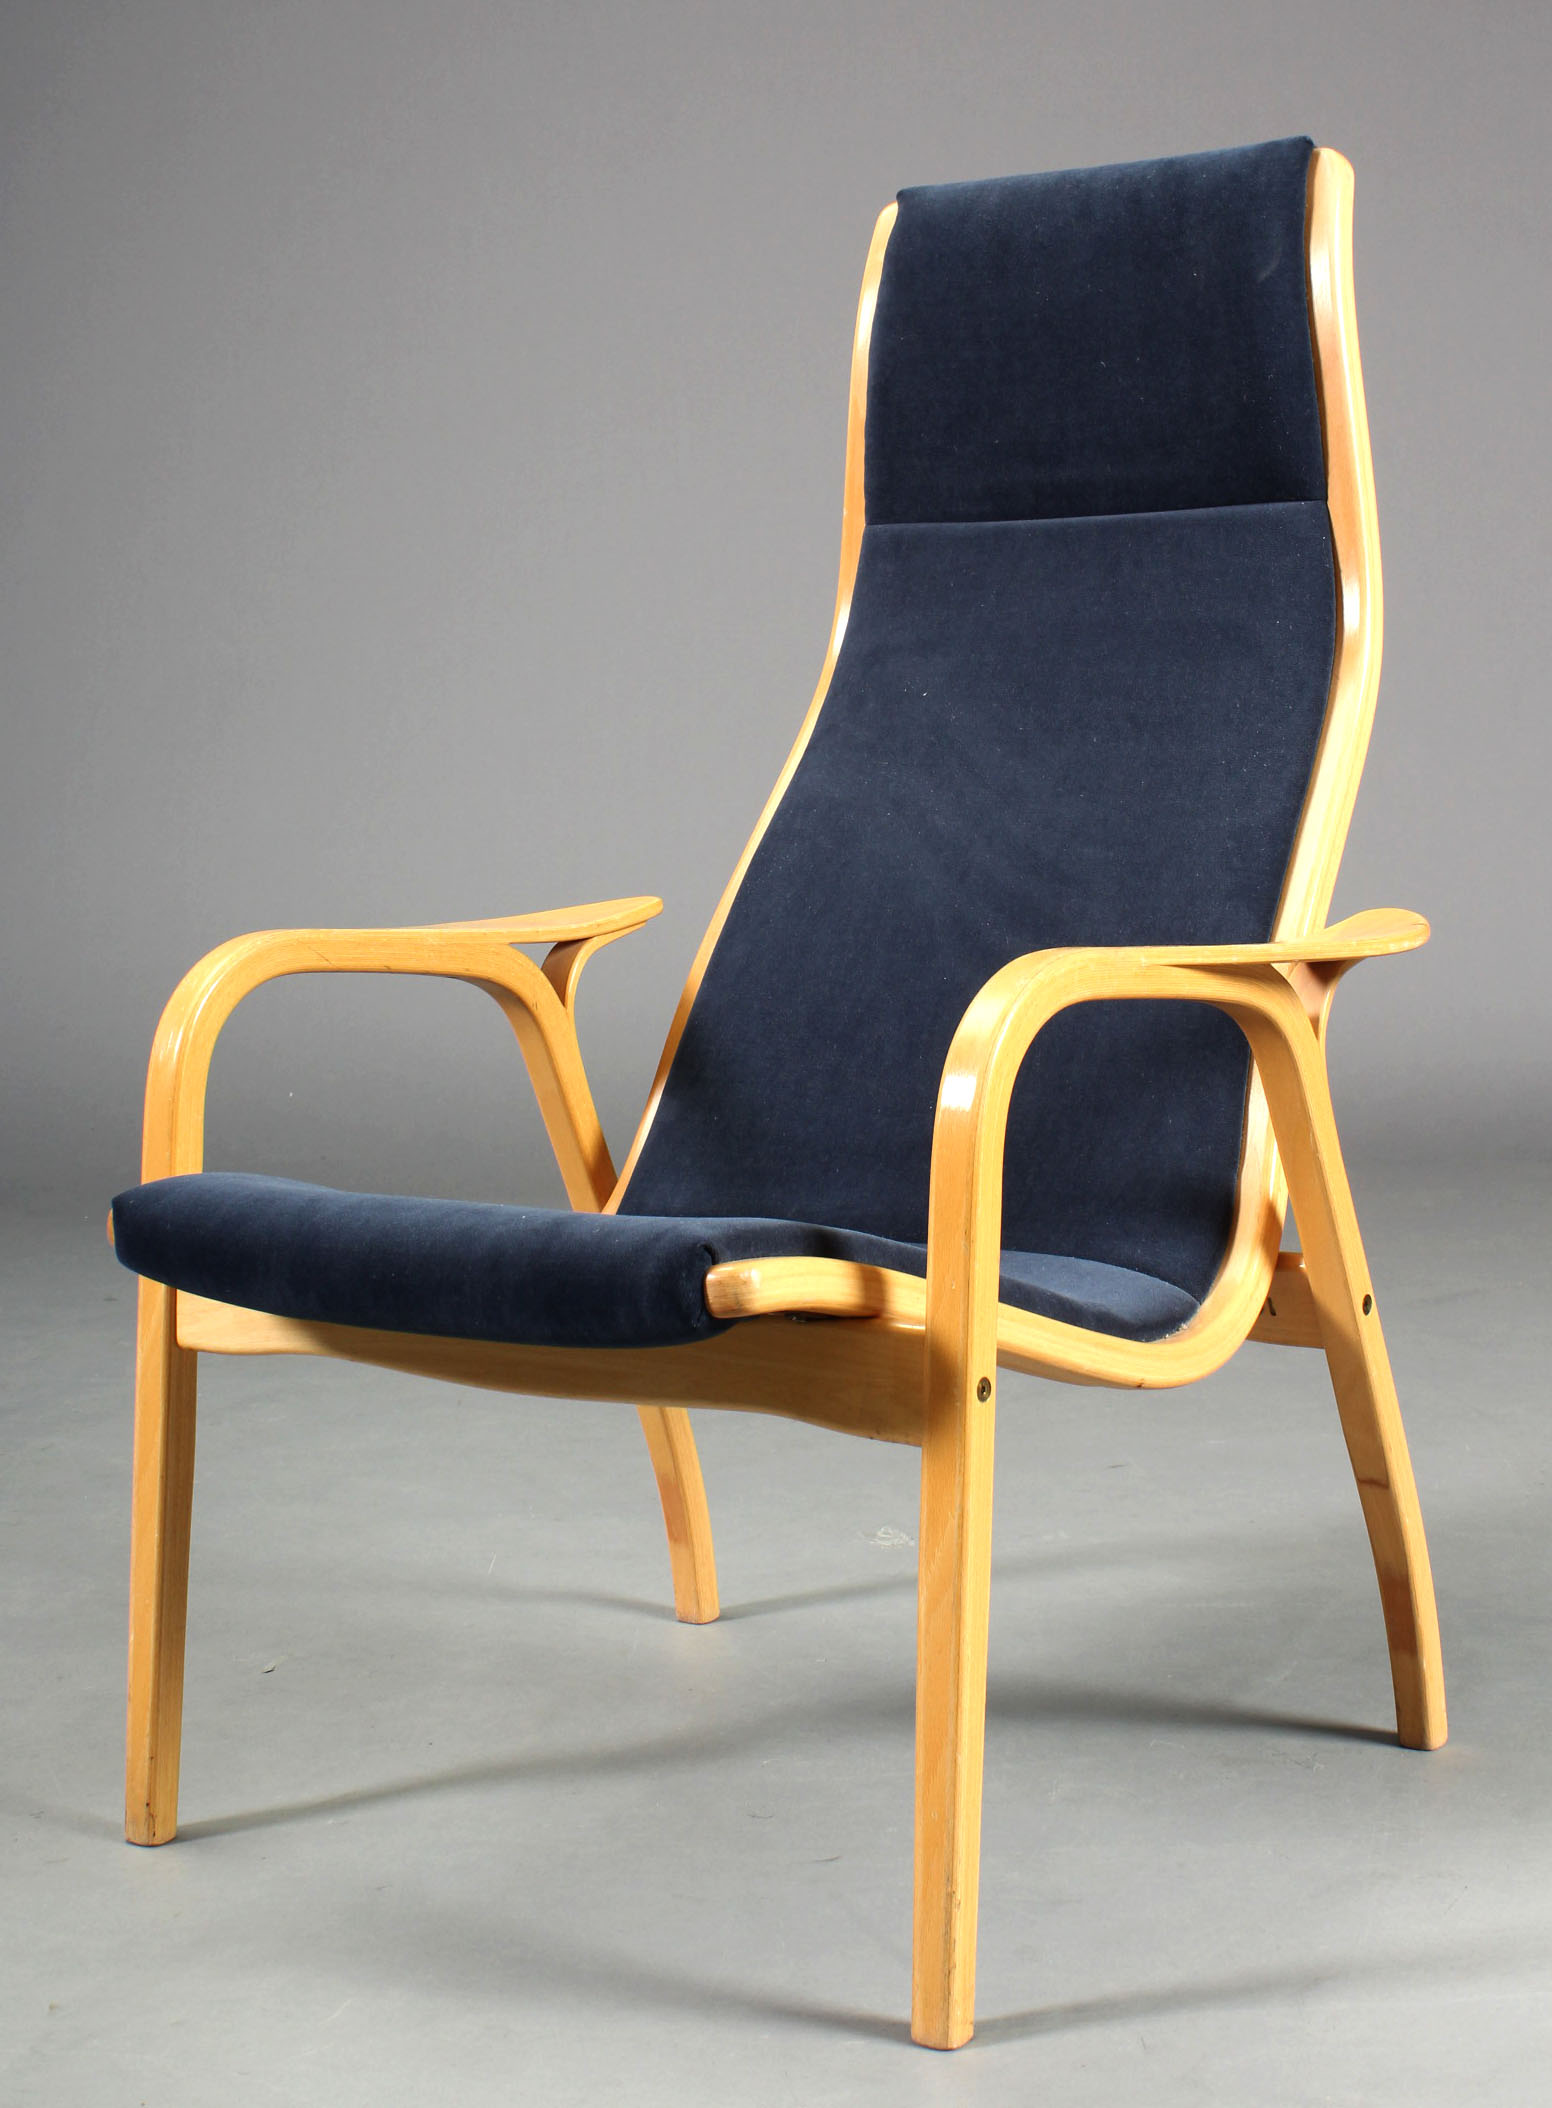 Yngve Ekstrøm/ Swedese. Par højryggede lænestole, model Lamino - Yngve Ekstrøm. Par højryggede lænestole med stel af formbøjet bøgetræ, betrukket med blåt velour. Fremstillet hos Swedese, model Lamino. Fremstår med brugsslitage og mindre pletter på stof